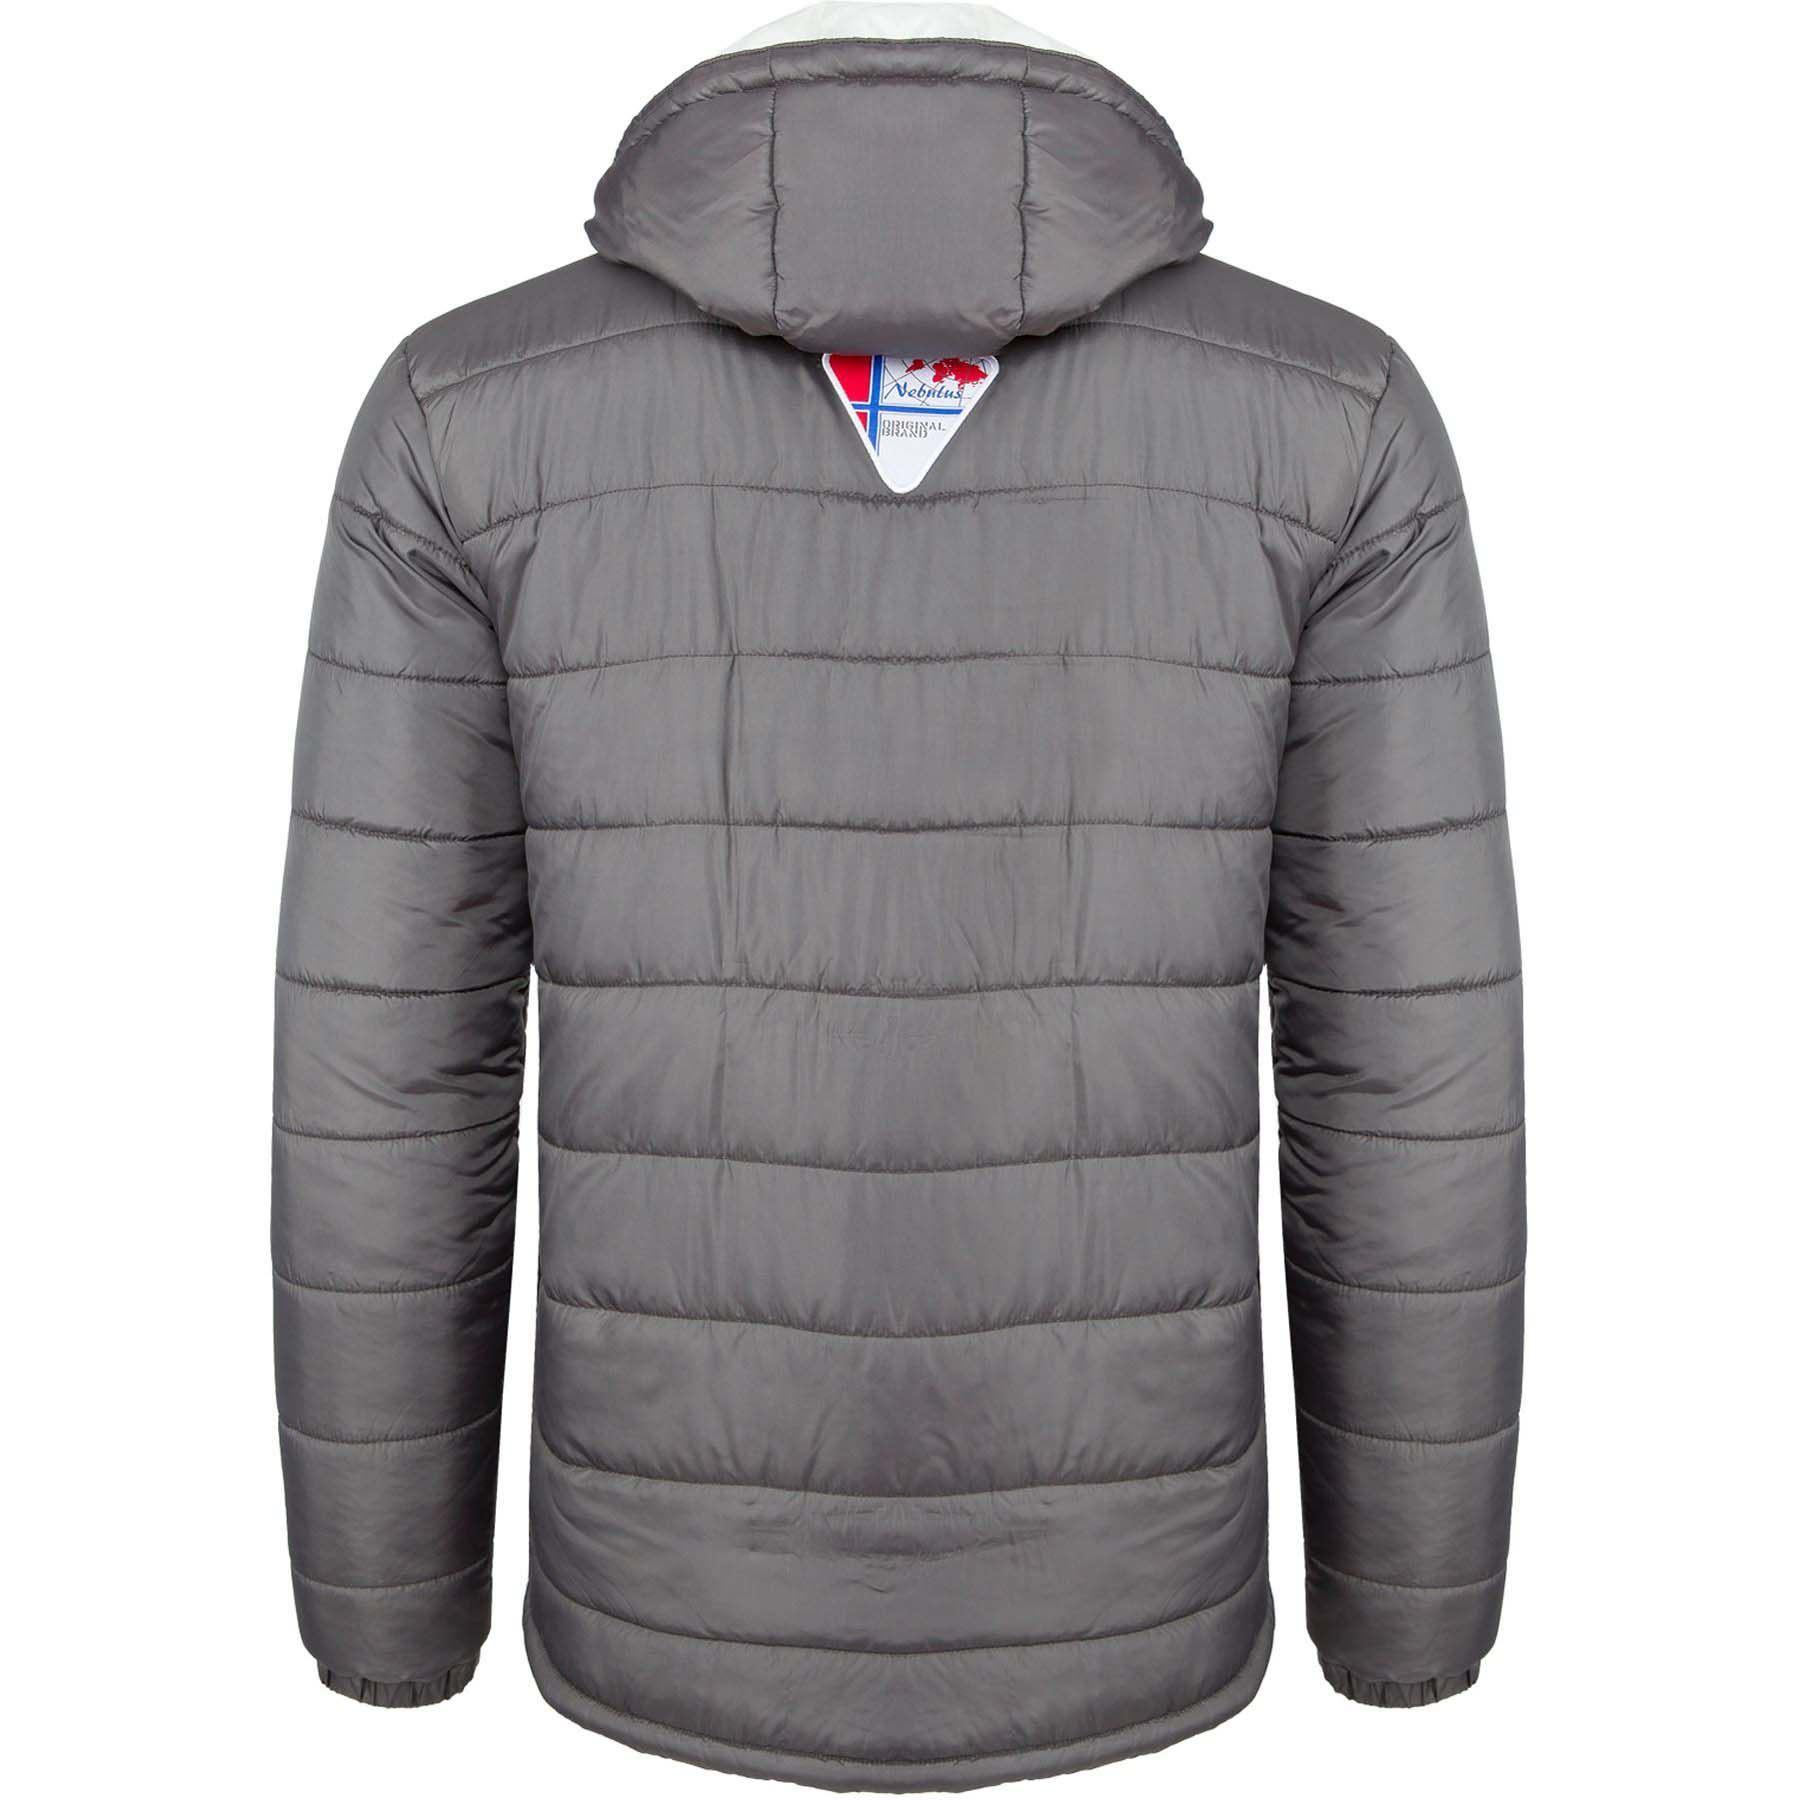 rif078af0 giacca invernale grigia uomo